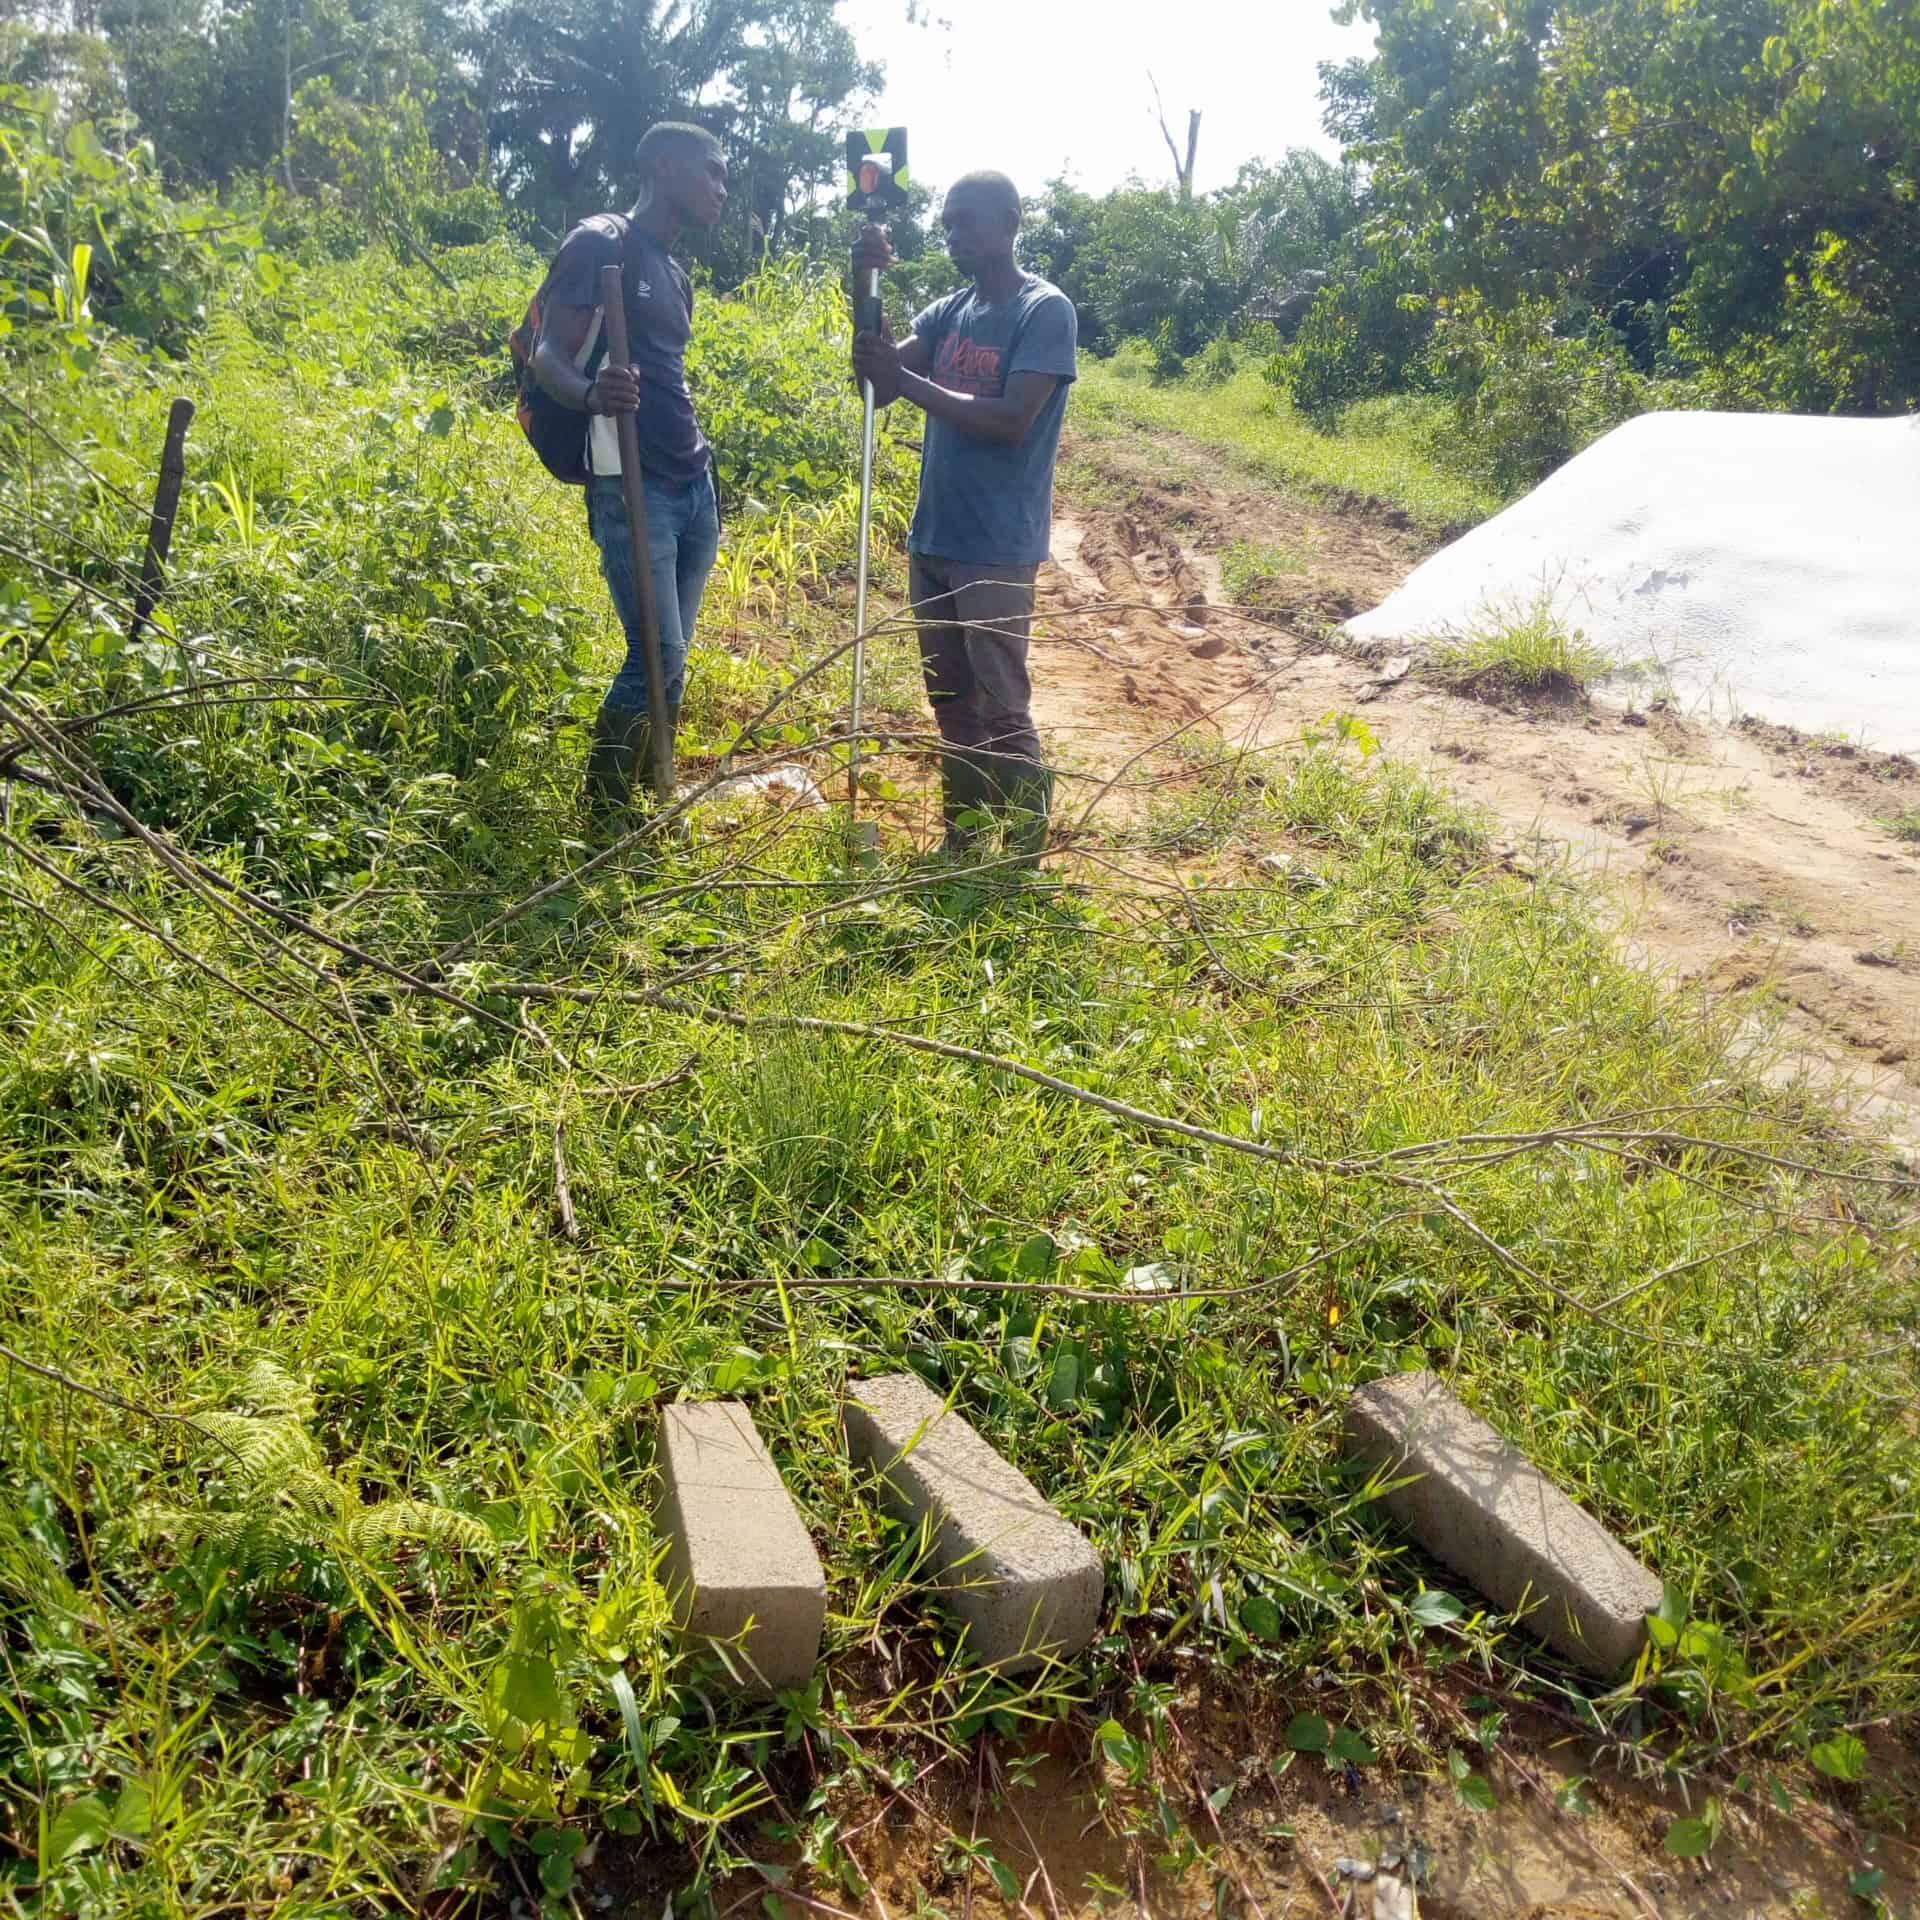 Land for sale at Douala, PK 24, A la barrière de pk24 - 2000 m2 - 50 000 000 FCFA